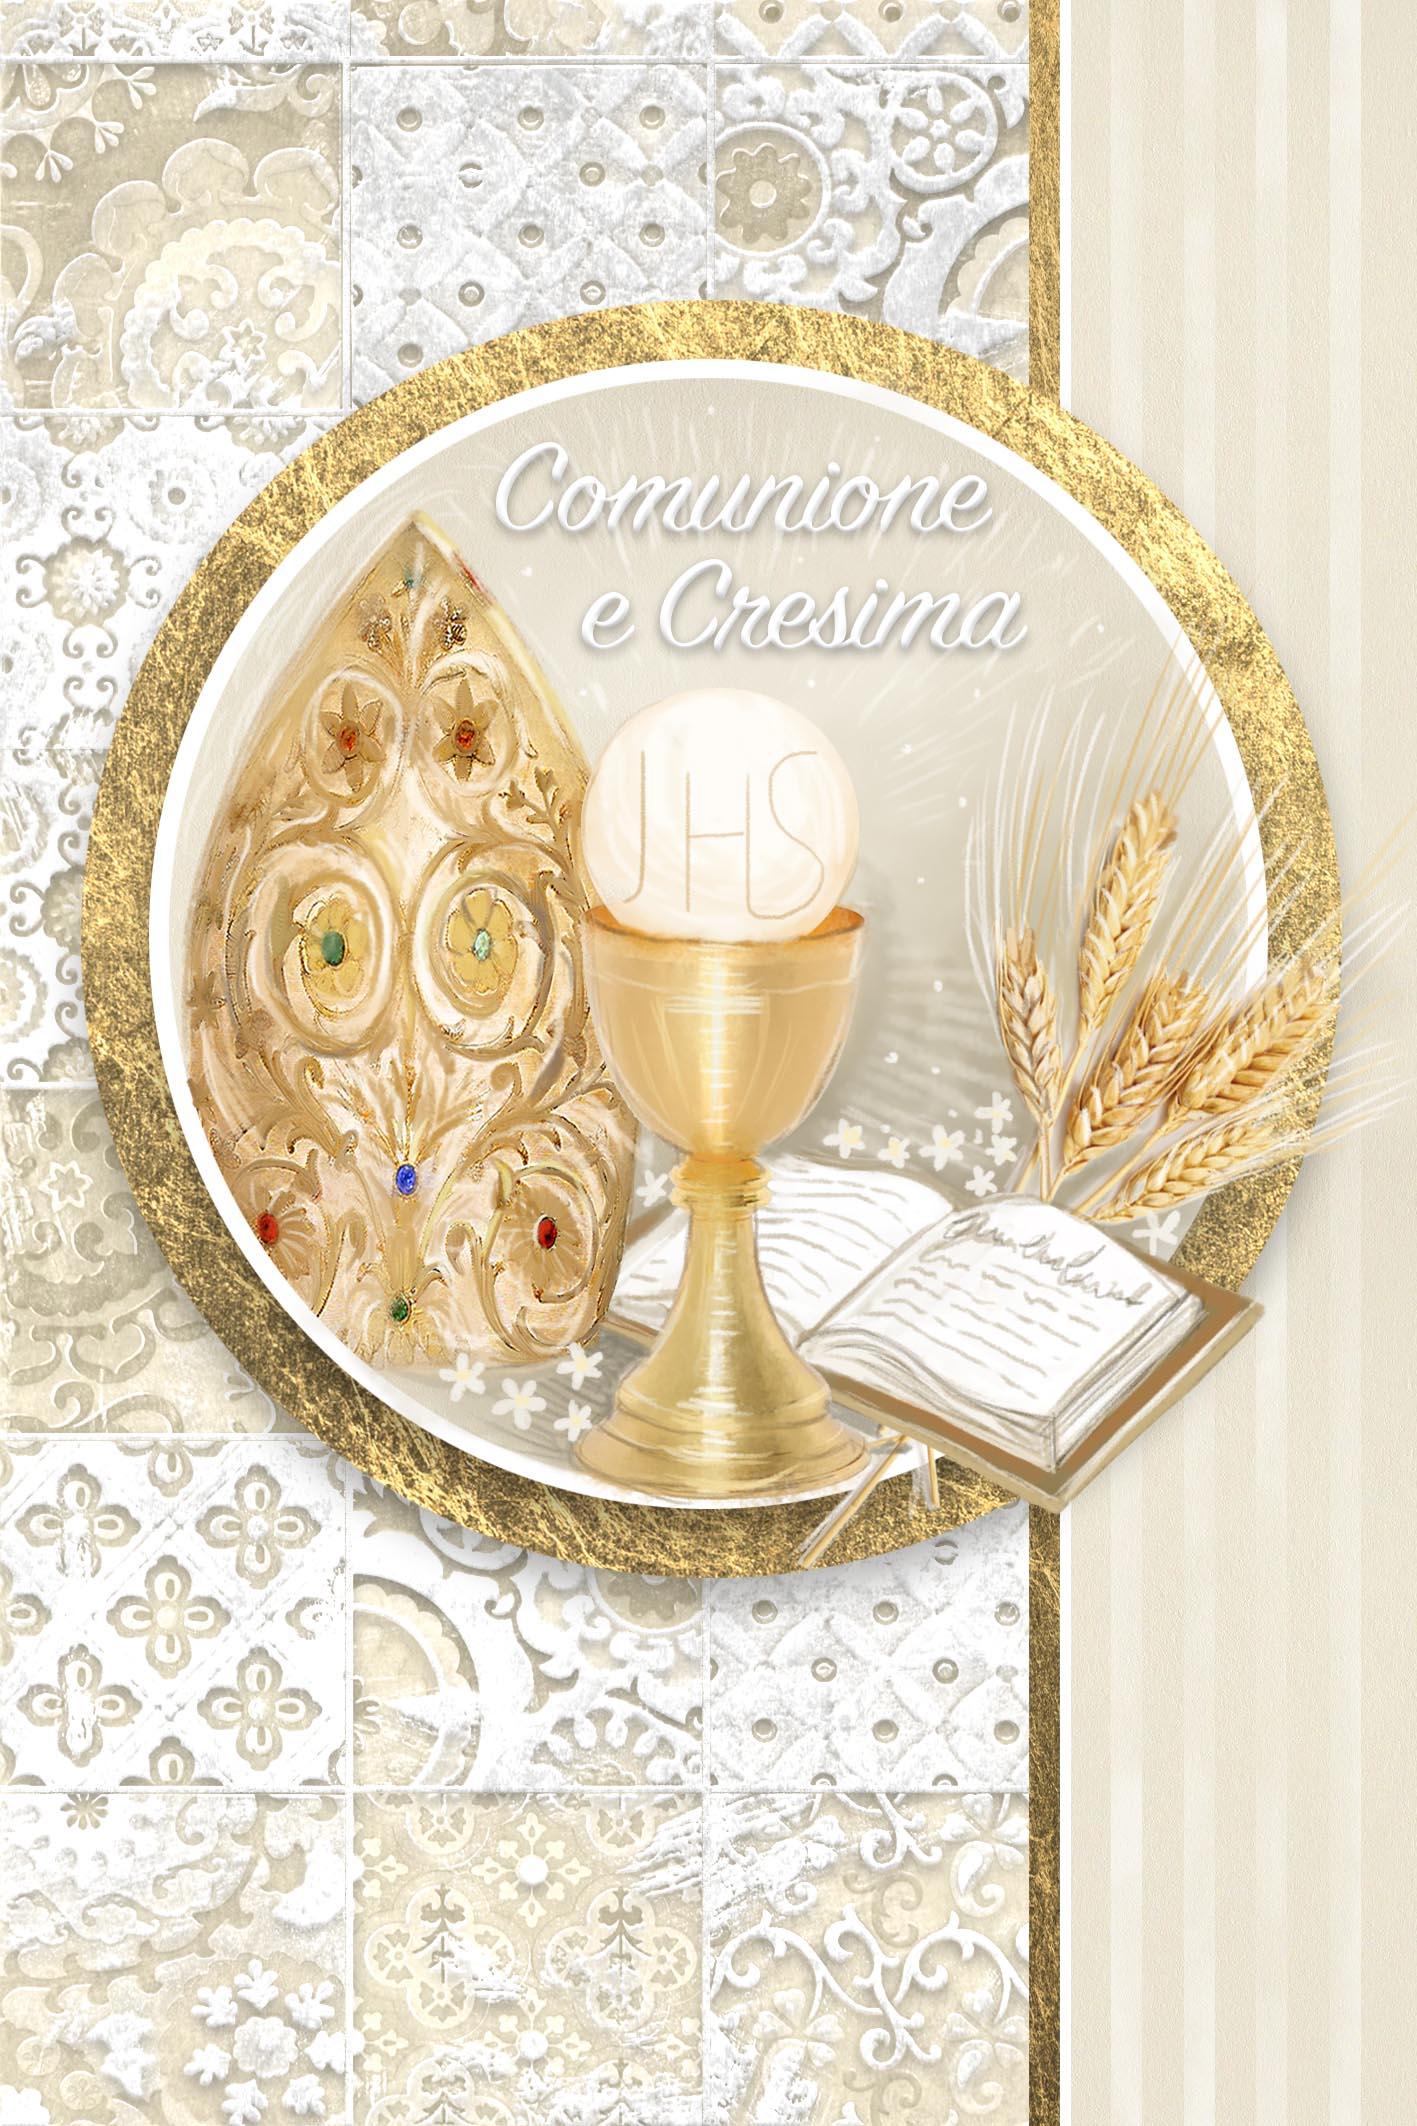 cresima-comunione2-low